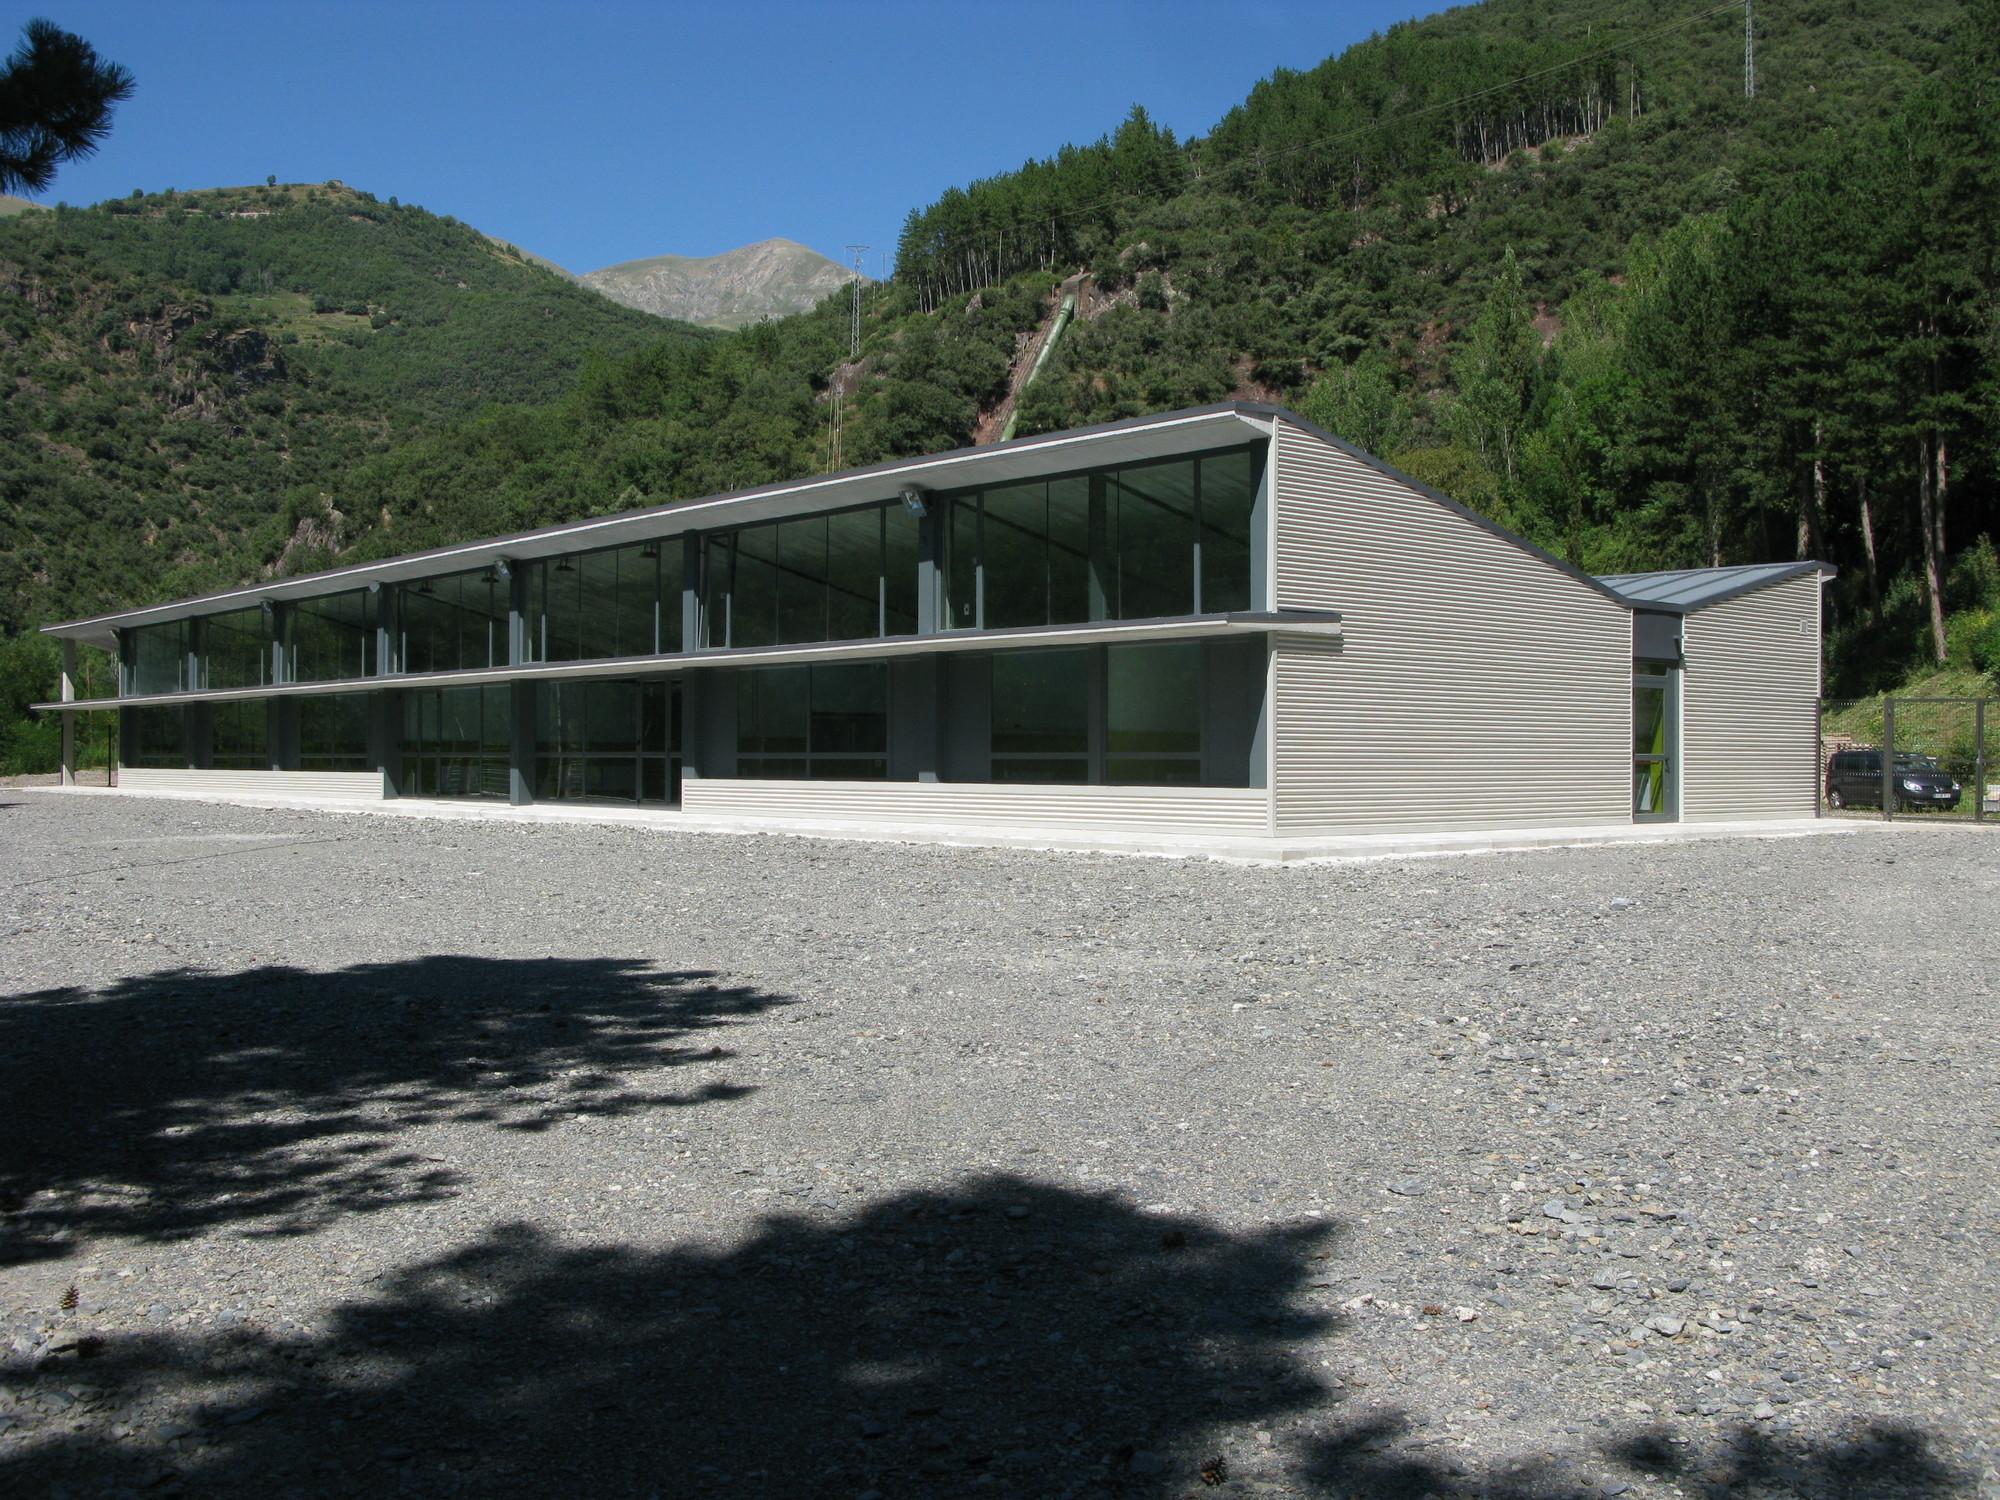 Centro Educación Primaria La Vall Fosca / Soldevila Arquitectos, © A. Soldevila